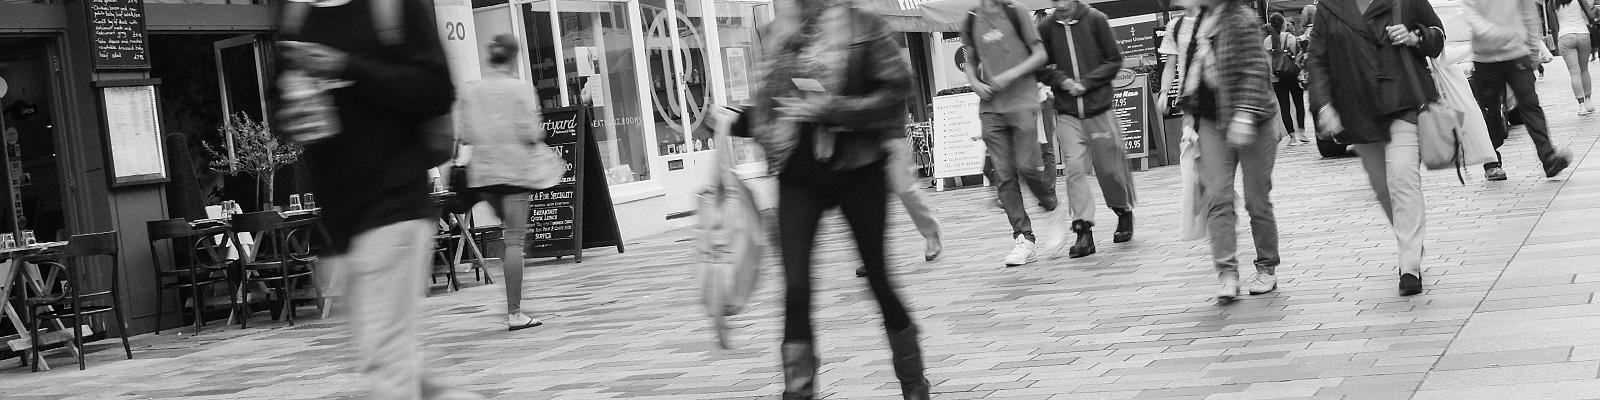 ストリート 歩行者